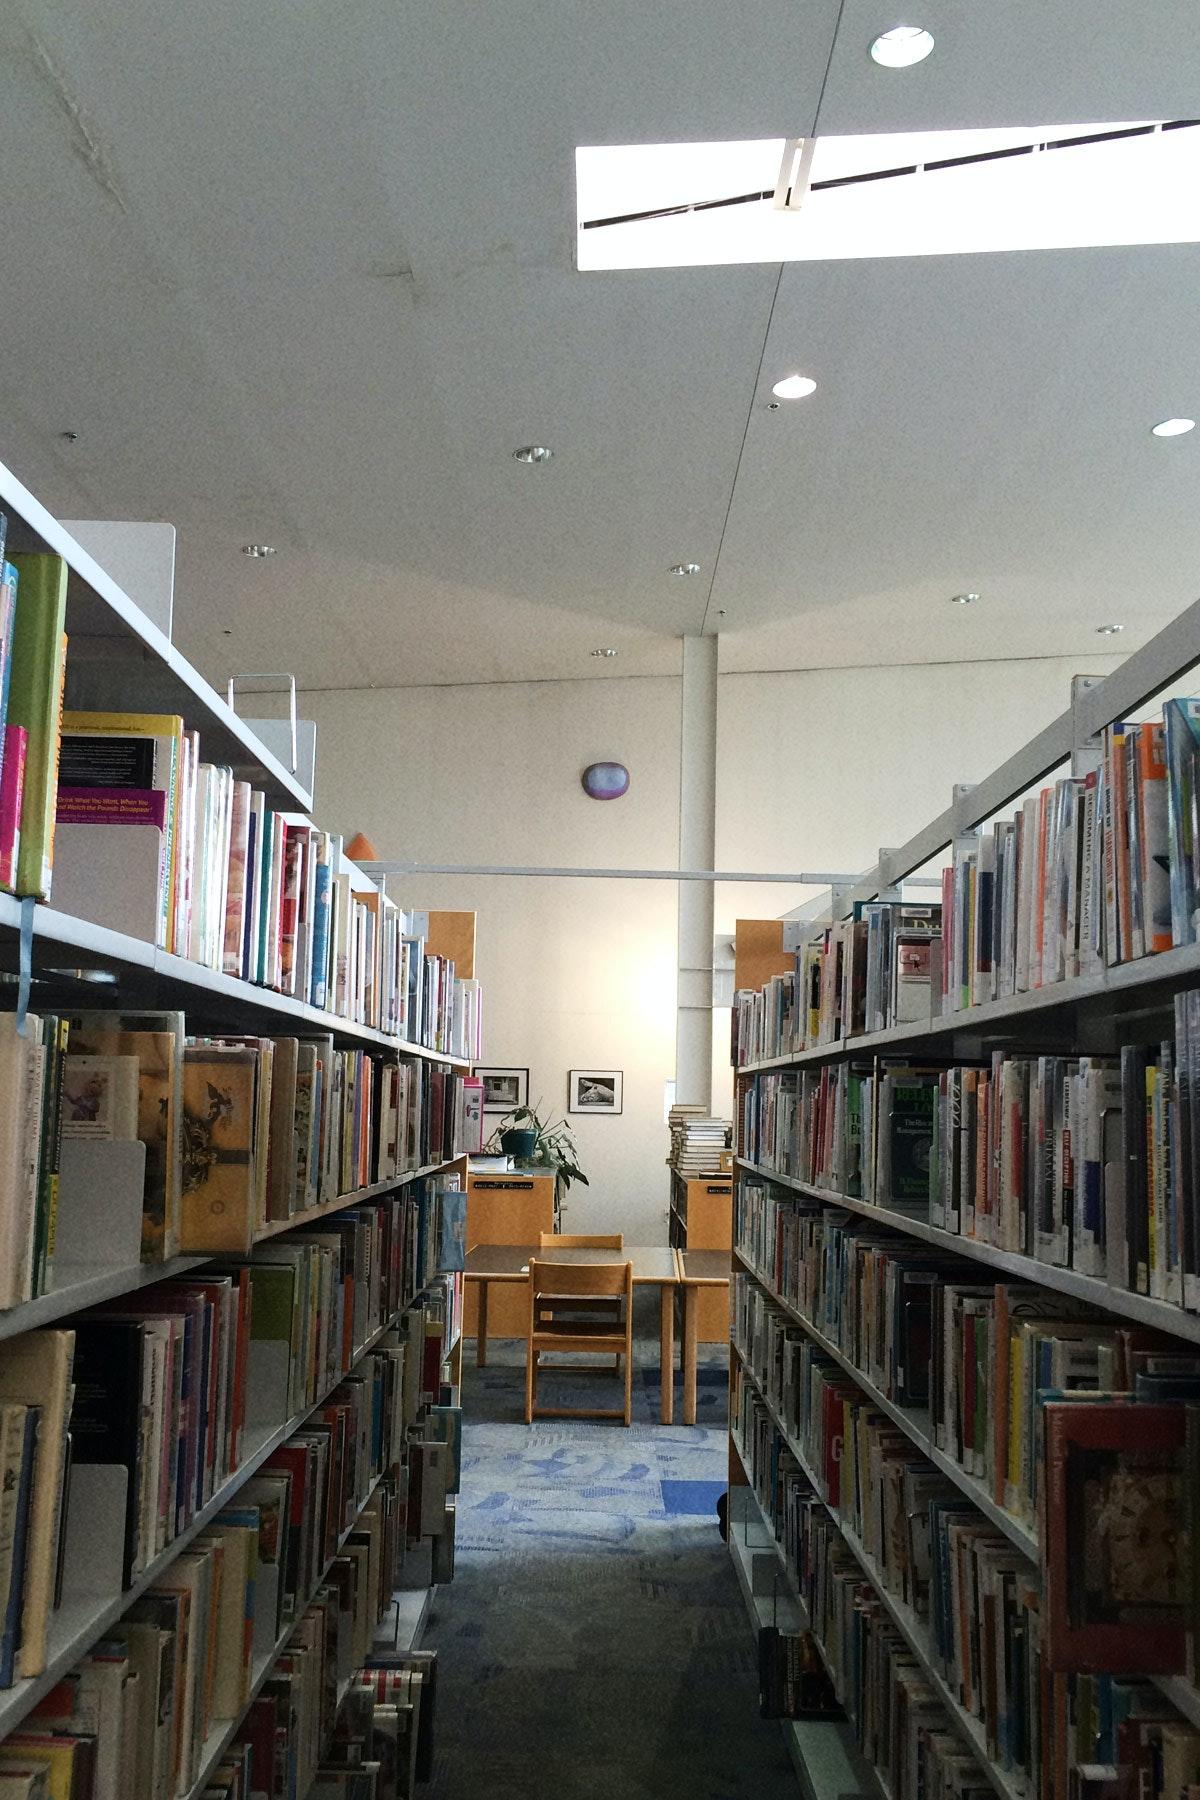 Atlanta-Fulton Public Library - Buckhead Branch